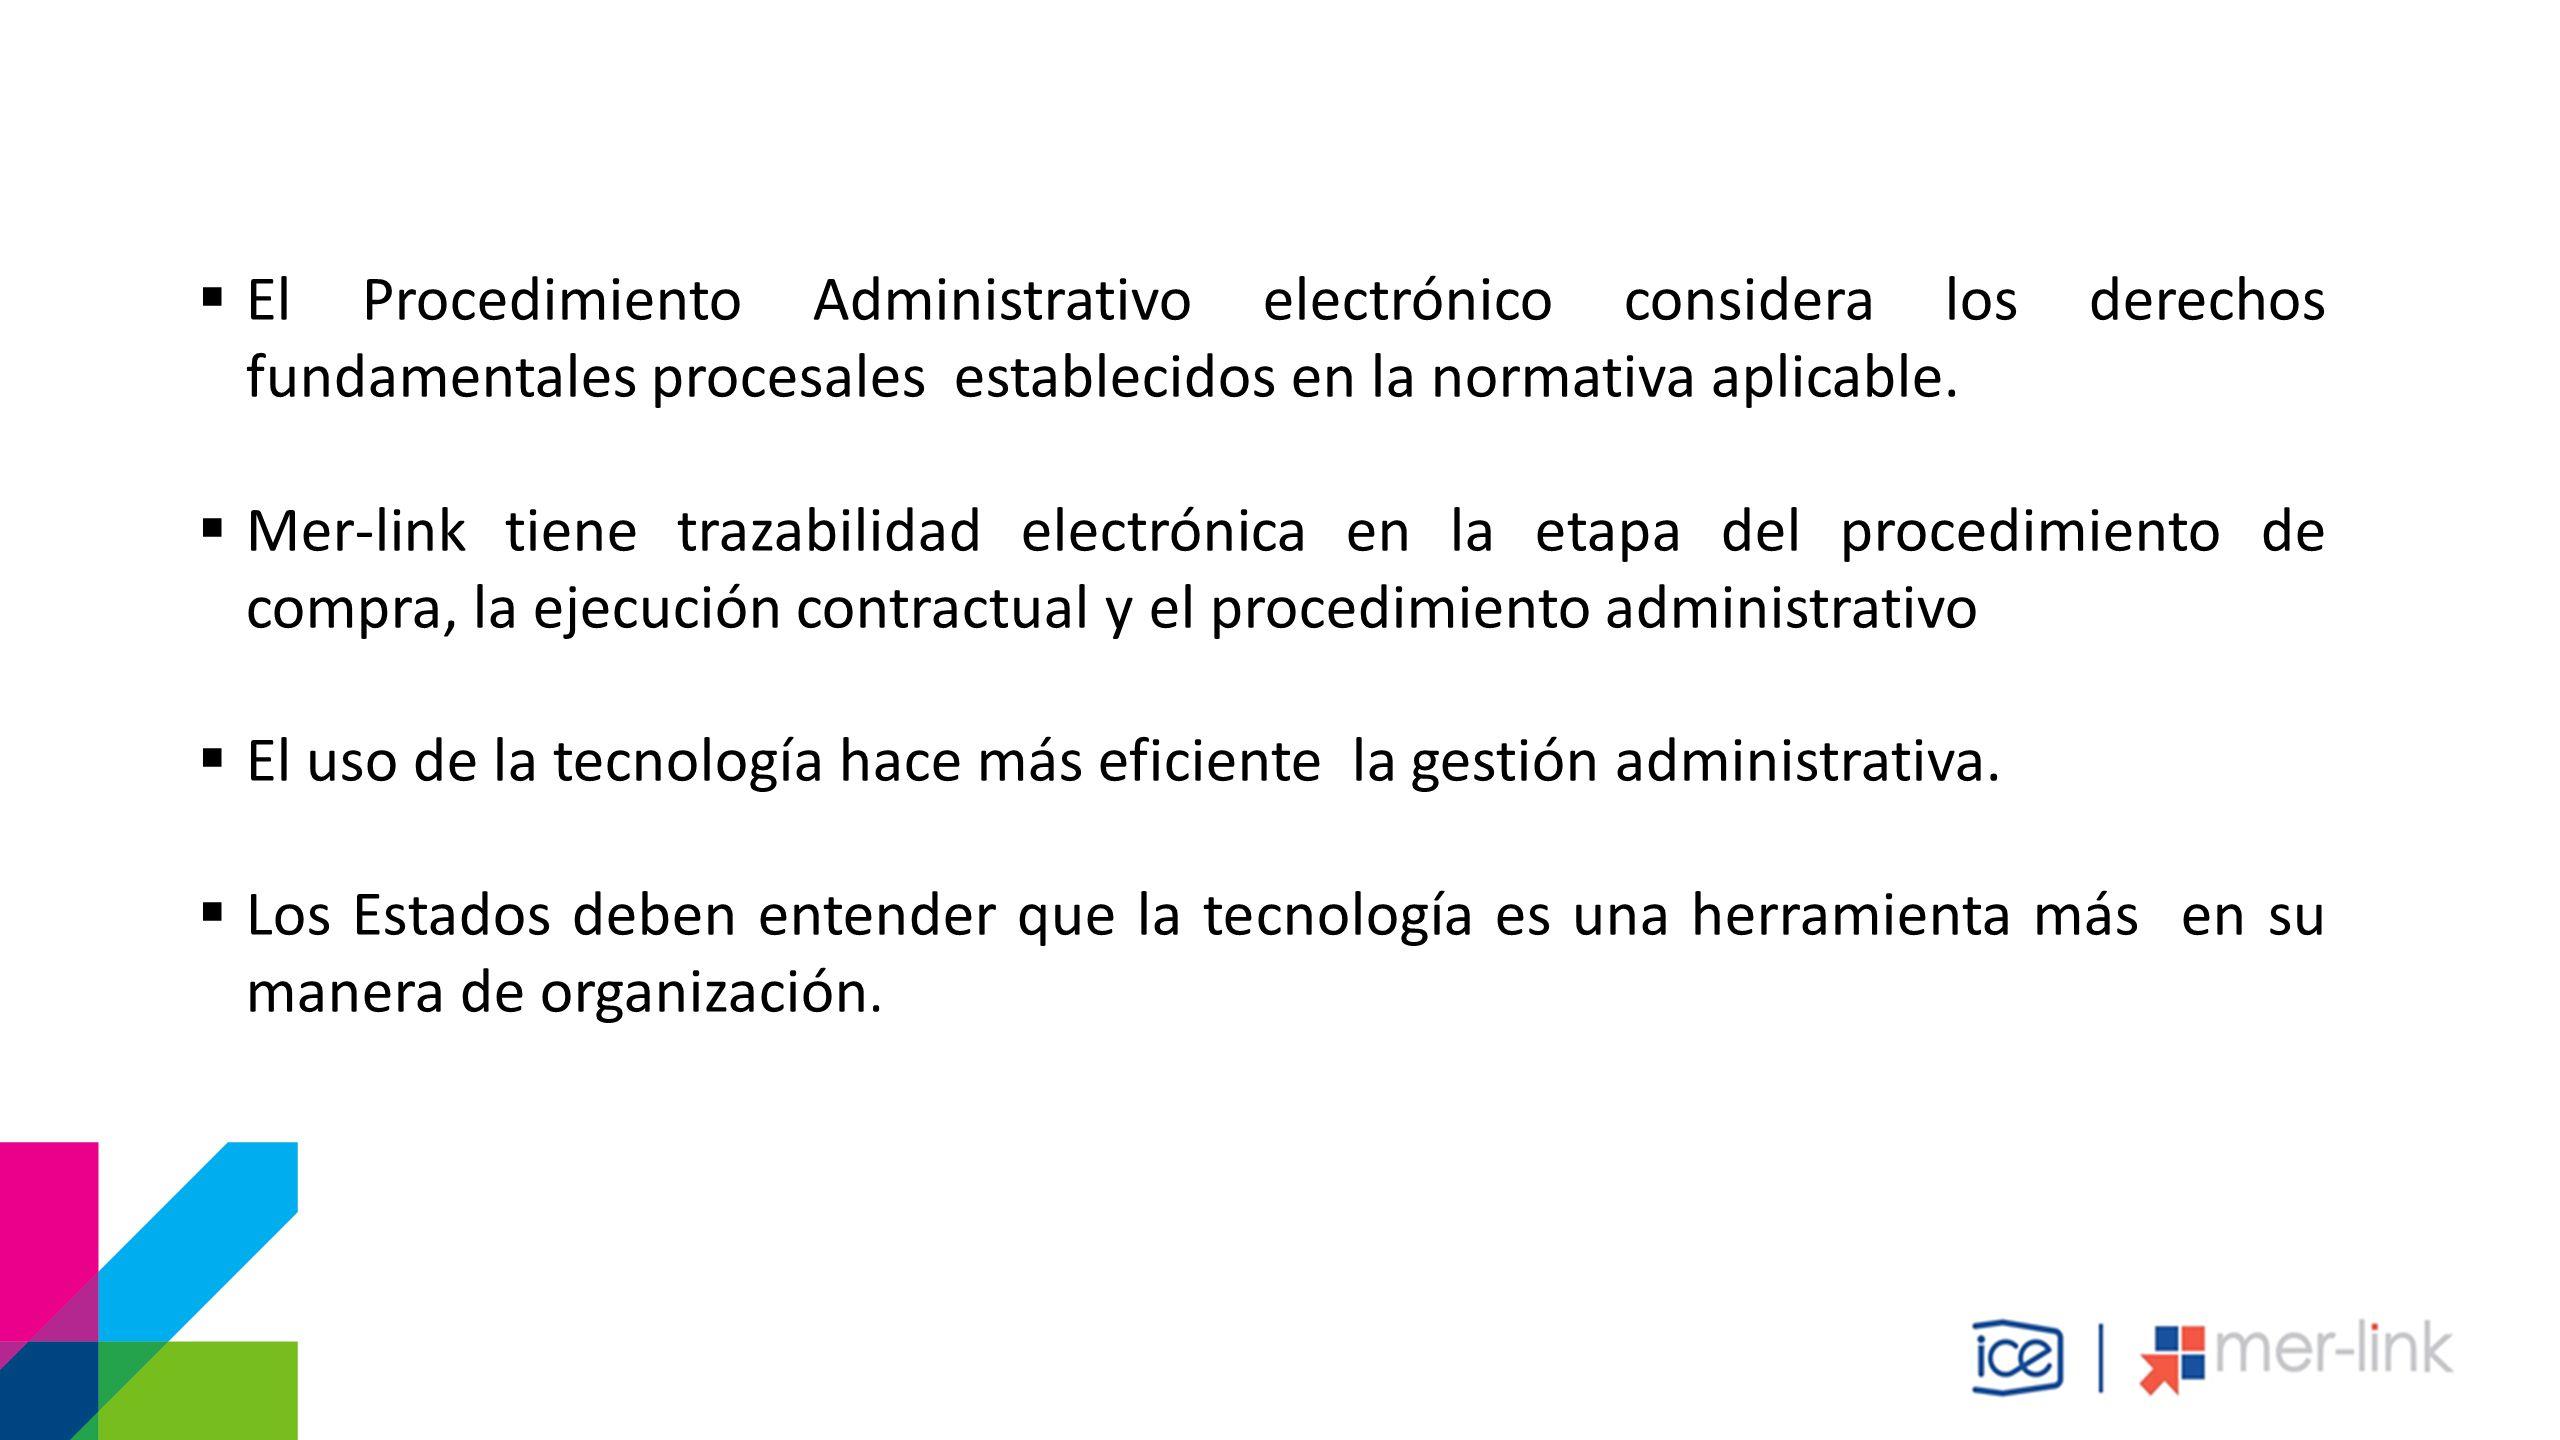  El Procedimiento Administrativo electrónico considera los derechos fundamentales procesales establecidos en la normativa aplicable.